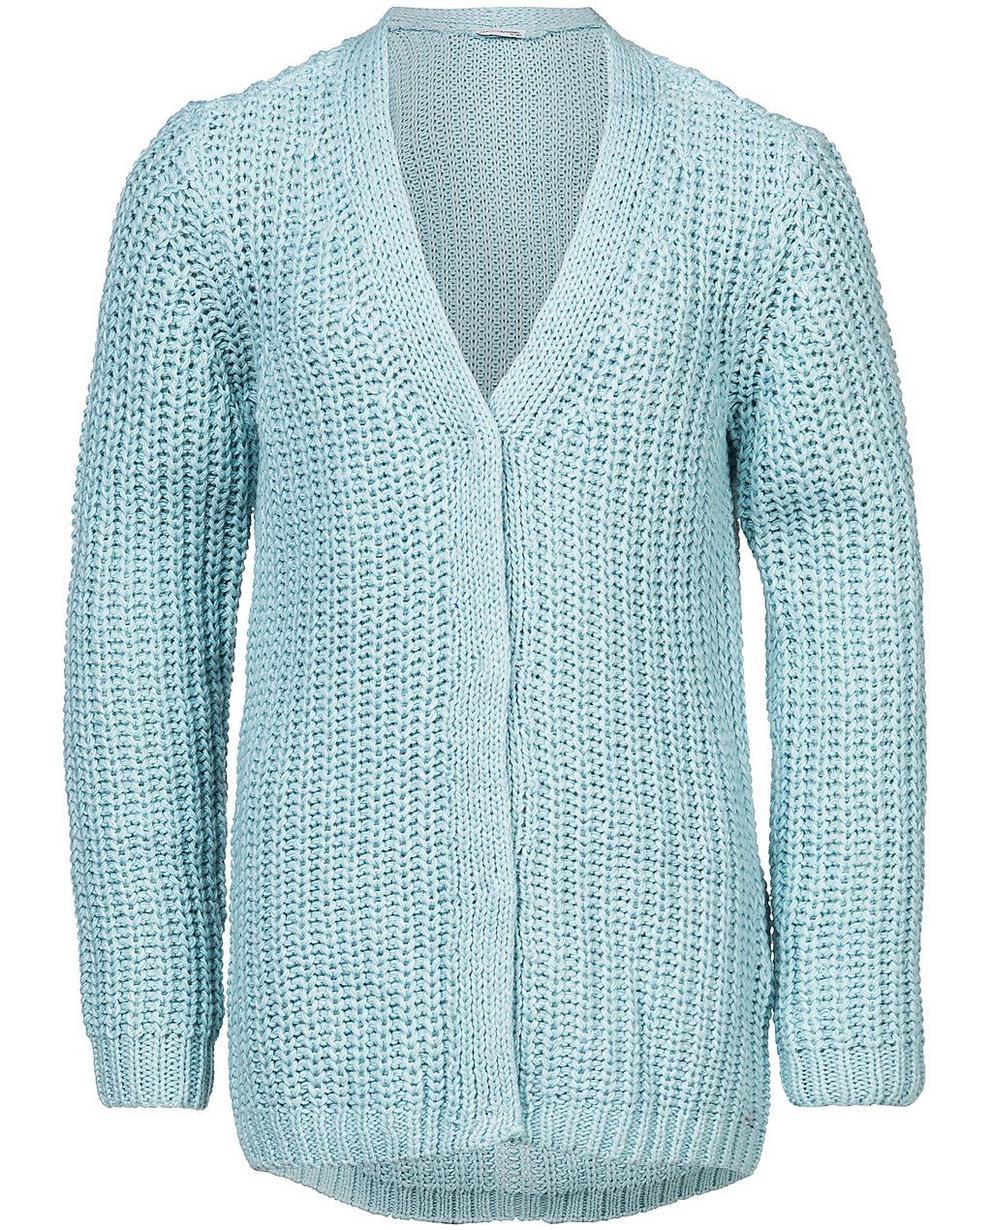 Strickjacken - Aqua - Jacke aus einer luxuriösen Wollmischung